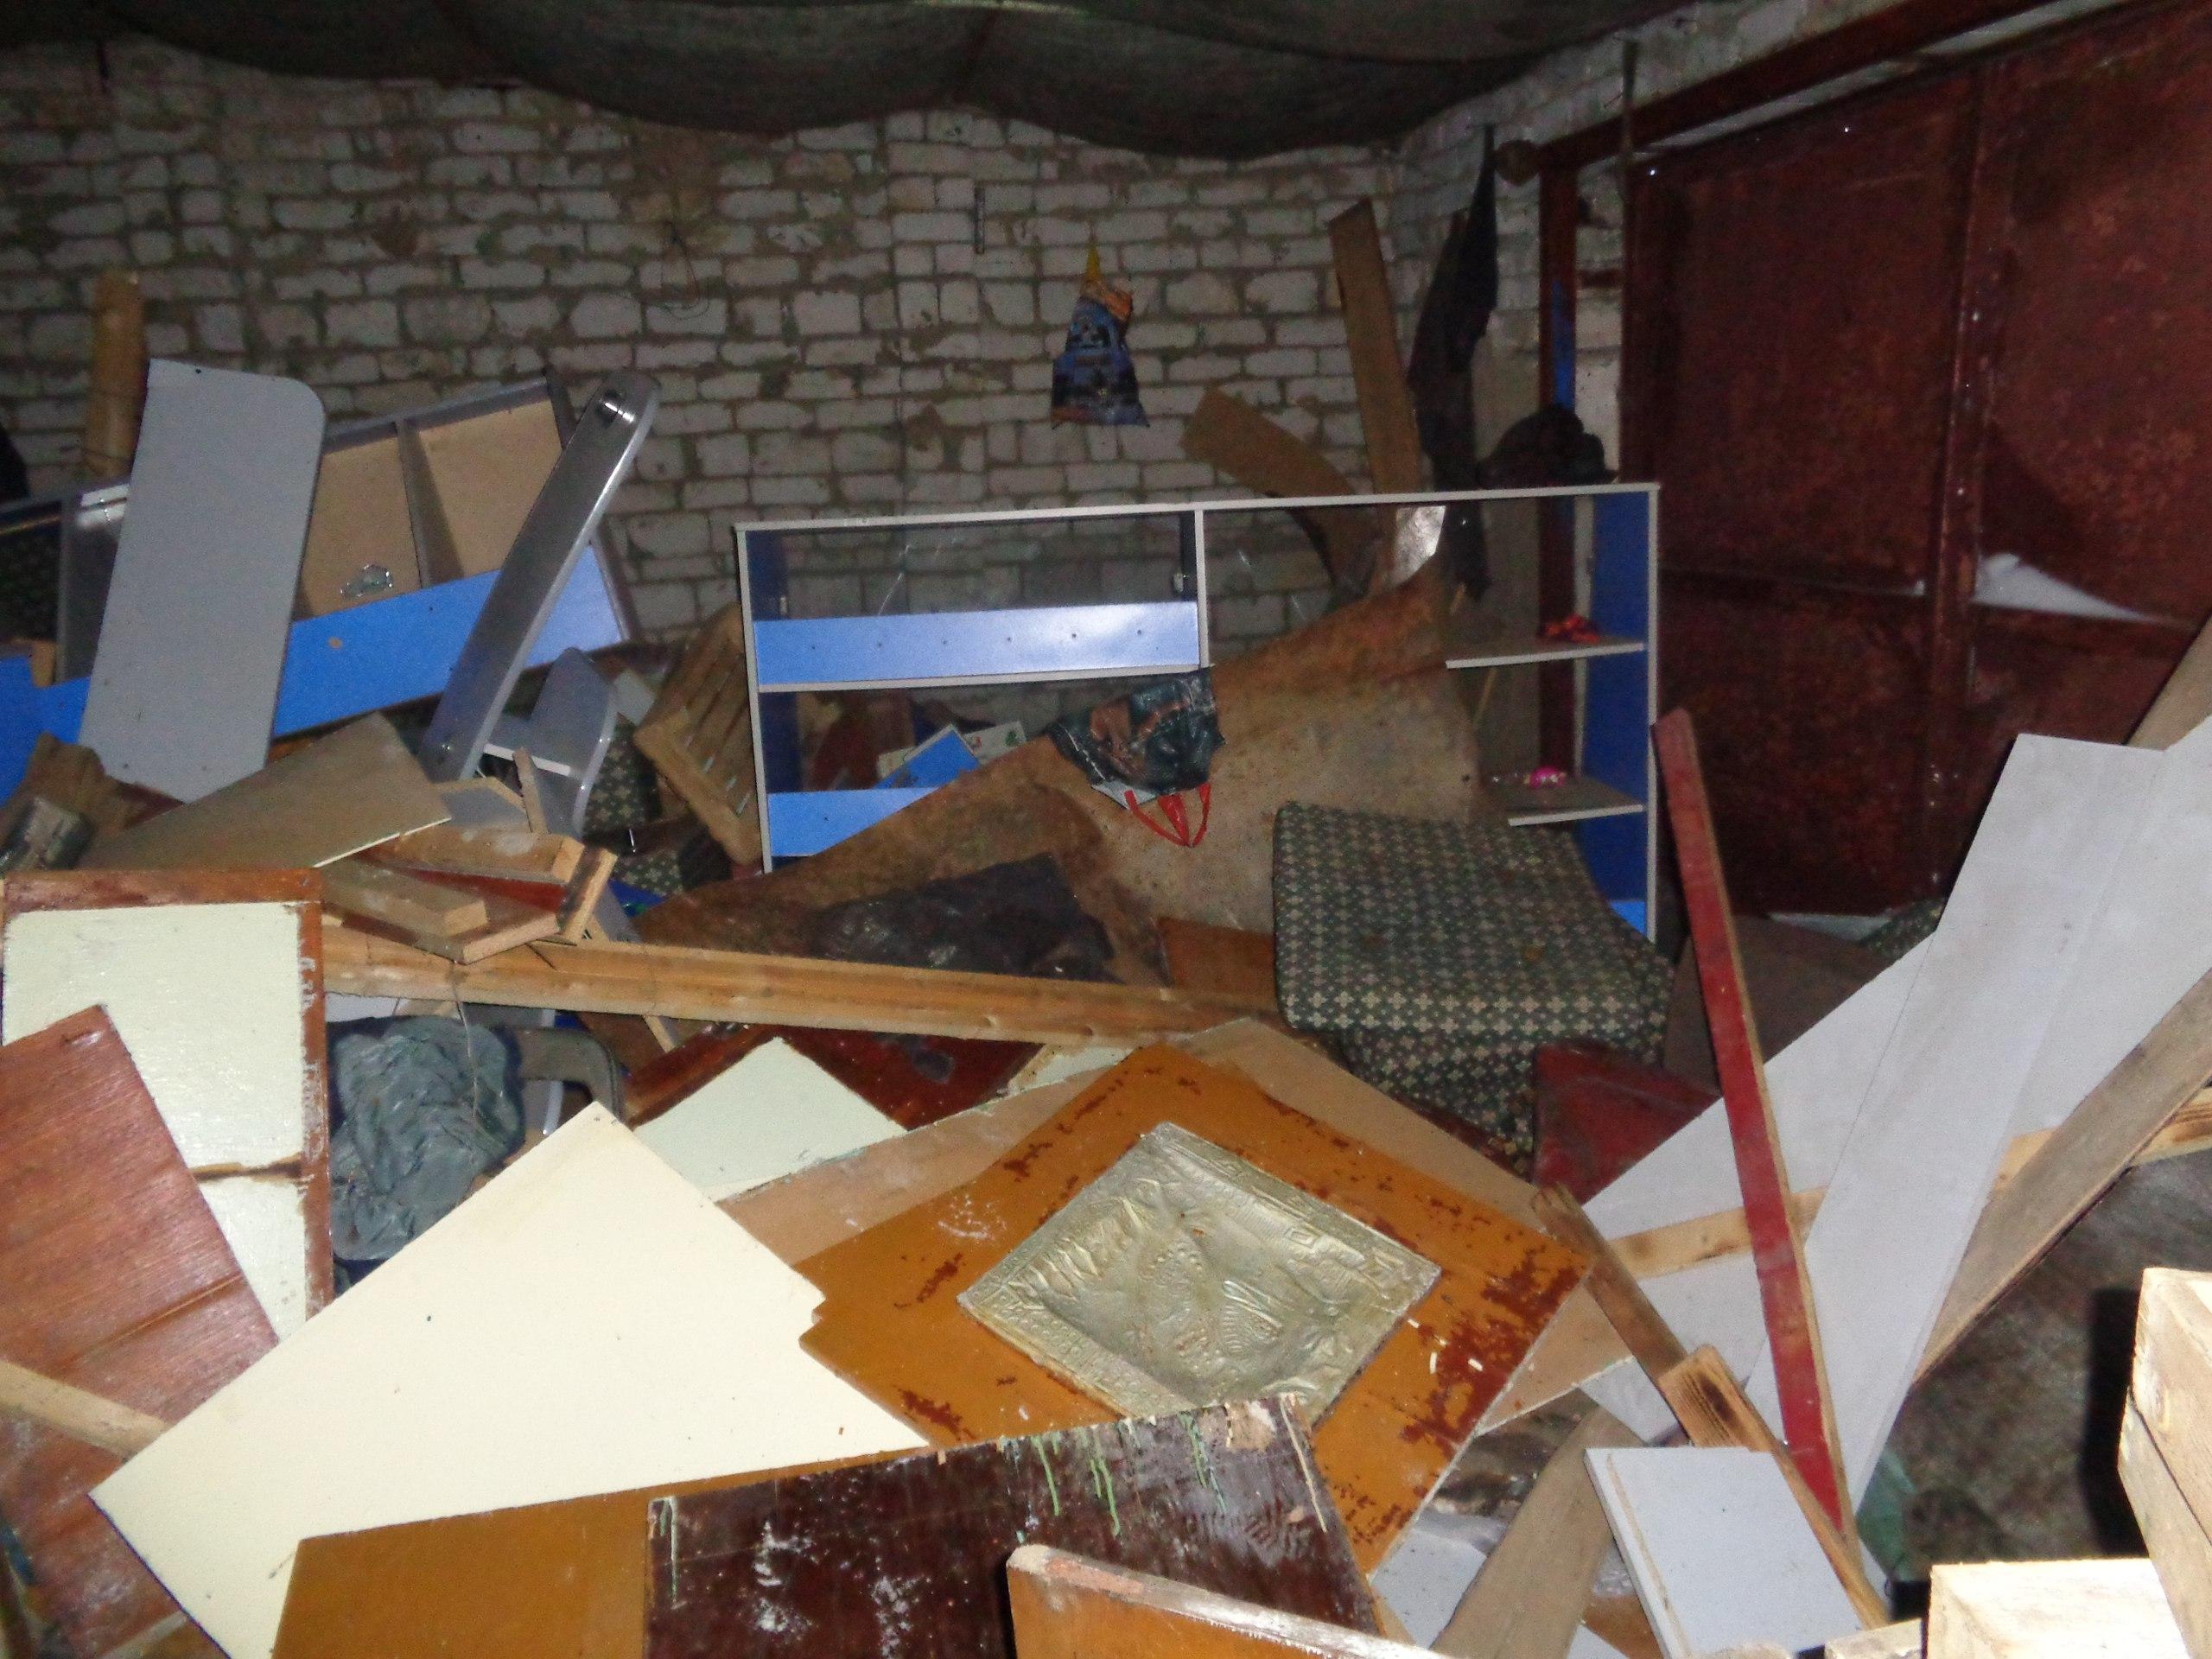 Взломаны 2 гаража за пожаркой, первый ряд от лога, хозяева наверно не в курсе, так выглядит один из них,